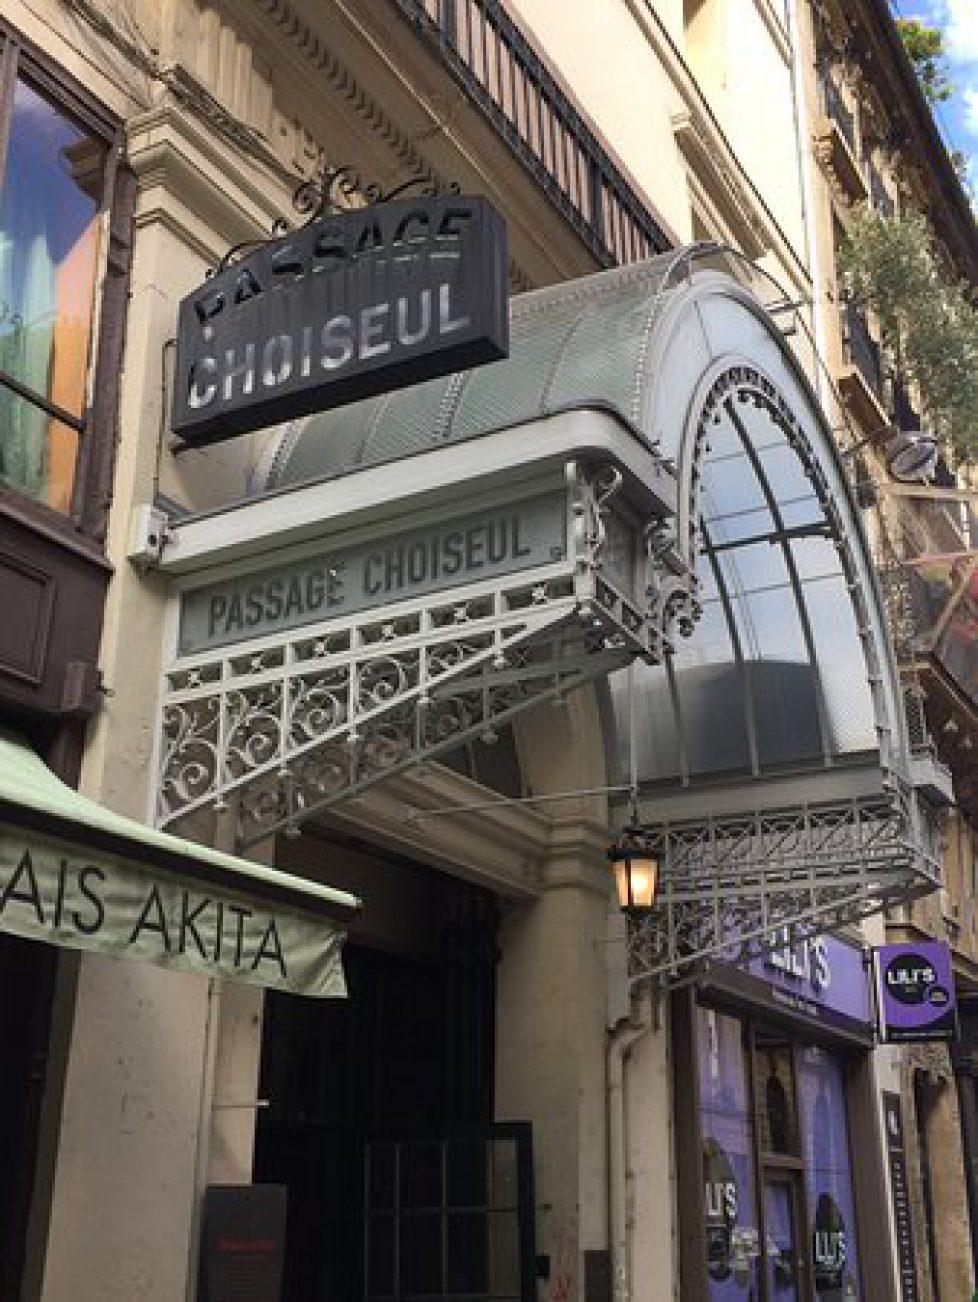 passage-choiseul-1